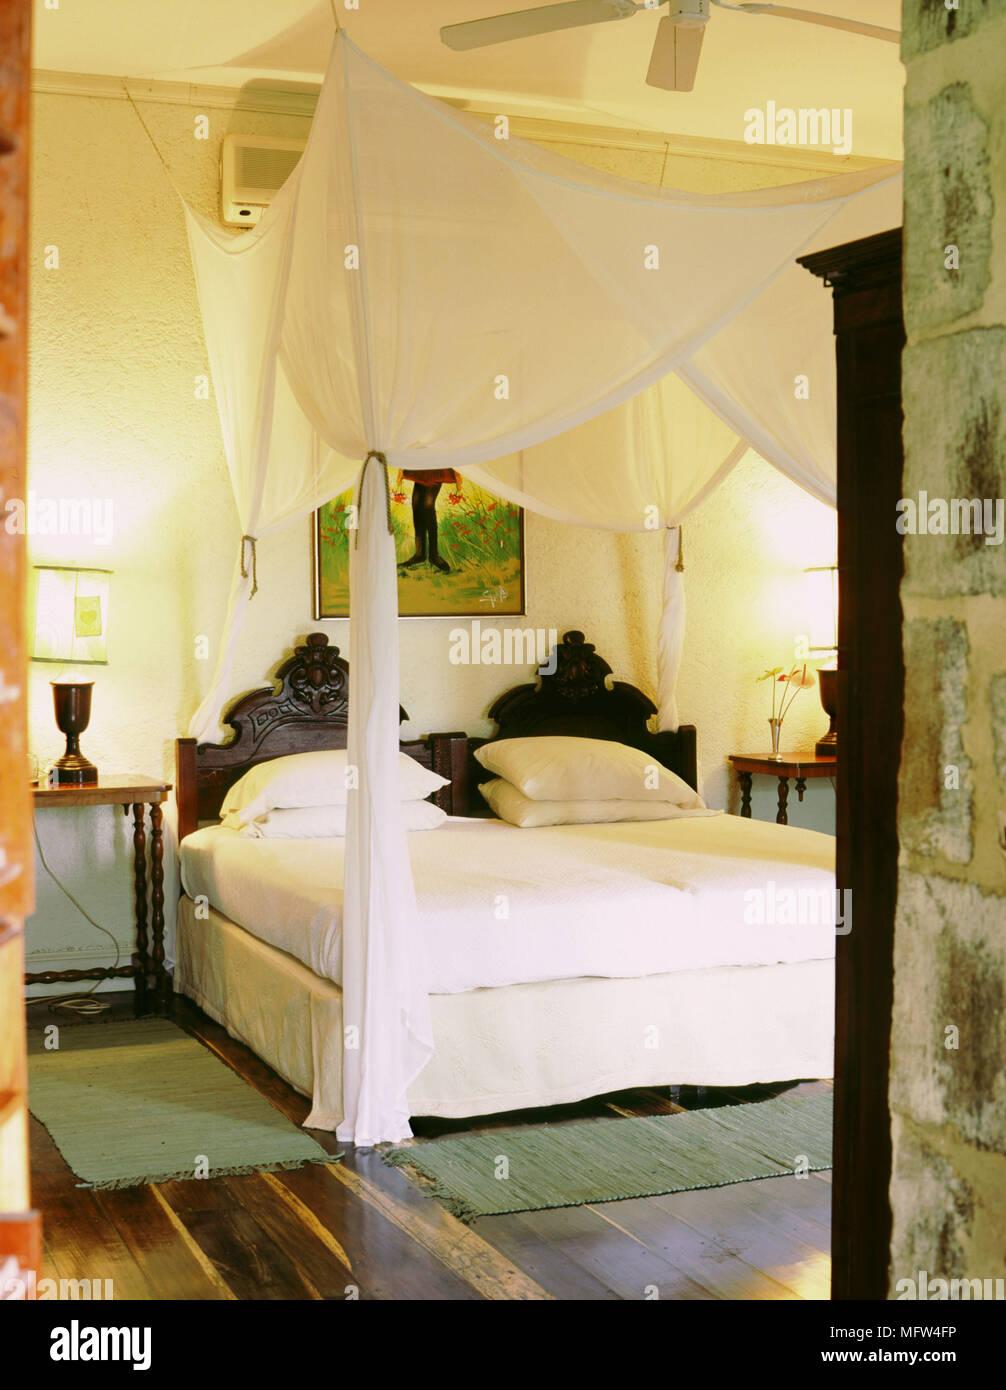 Paese camera da letto con pavimento in legno accesa la lampada da ...